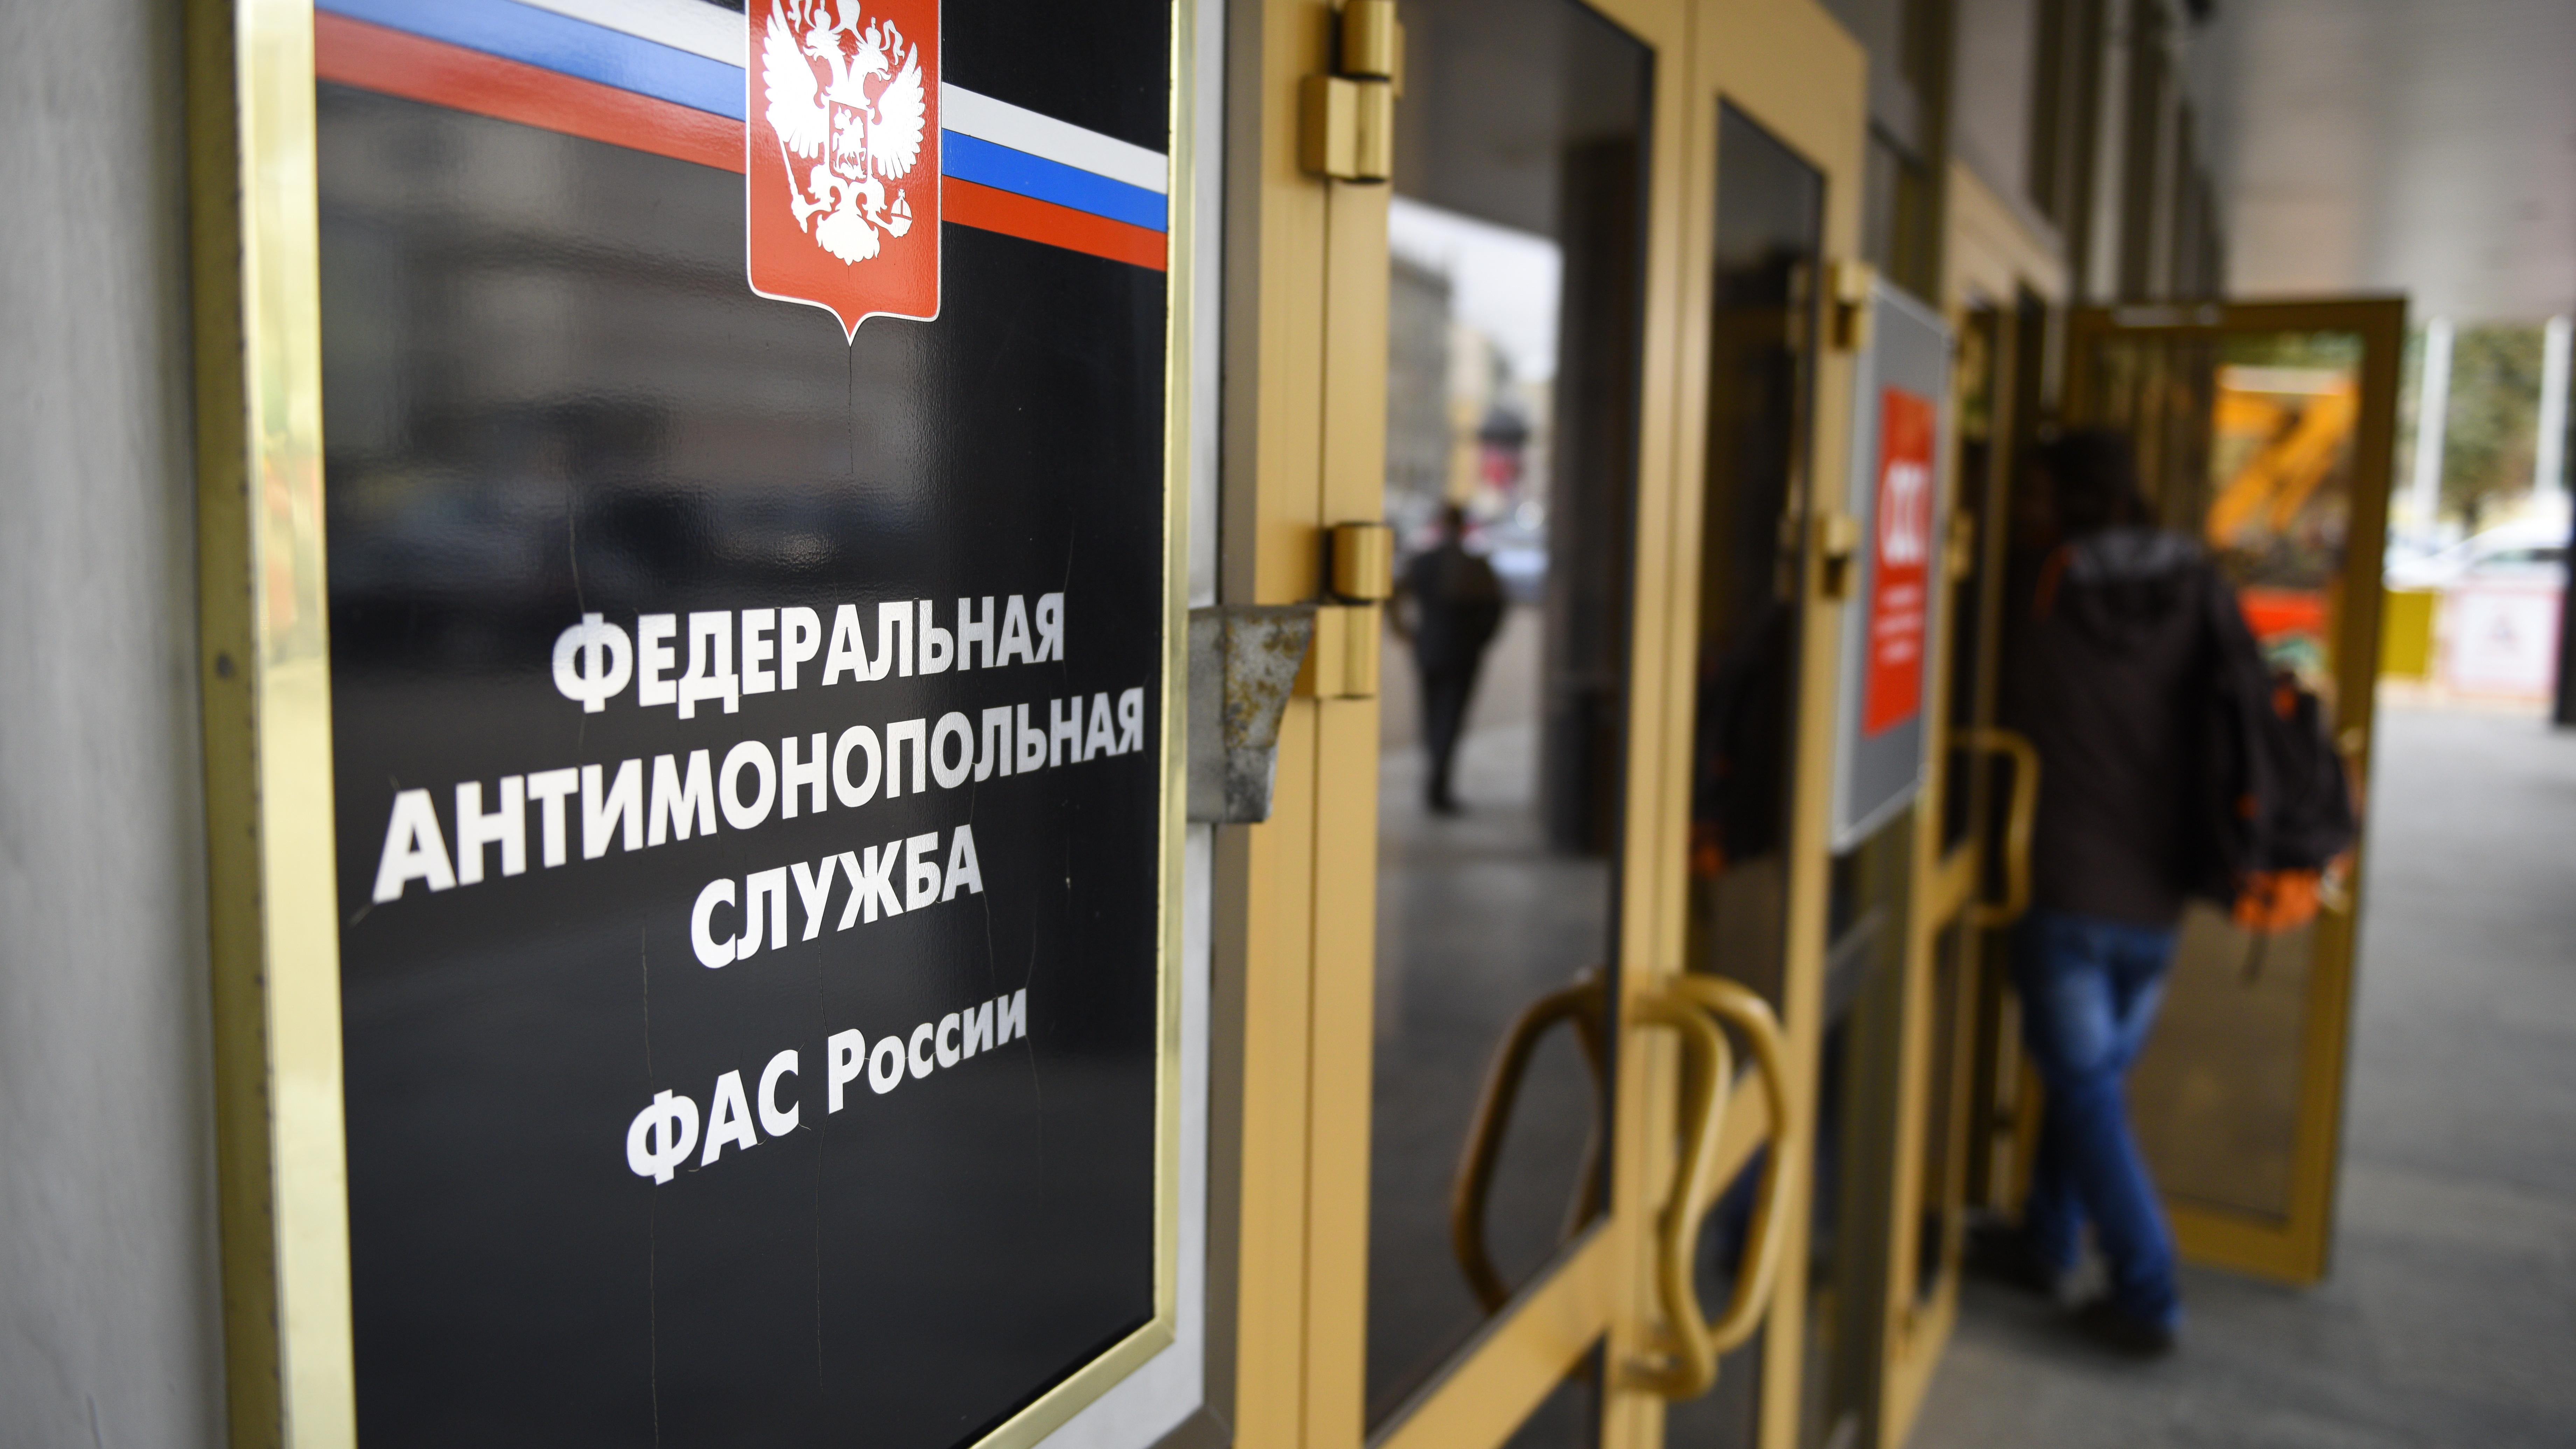 Подмосковное УФАС внесет ООО«Бастион» в реестр недобросовестных поставщиков